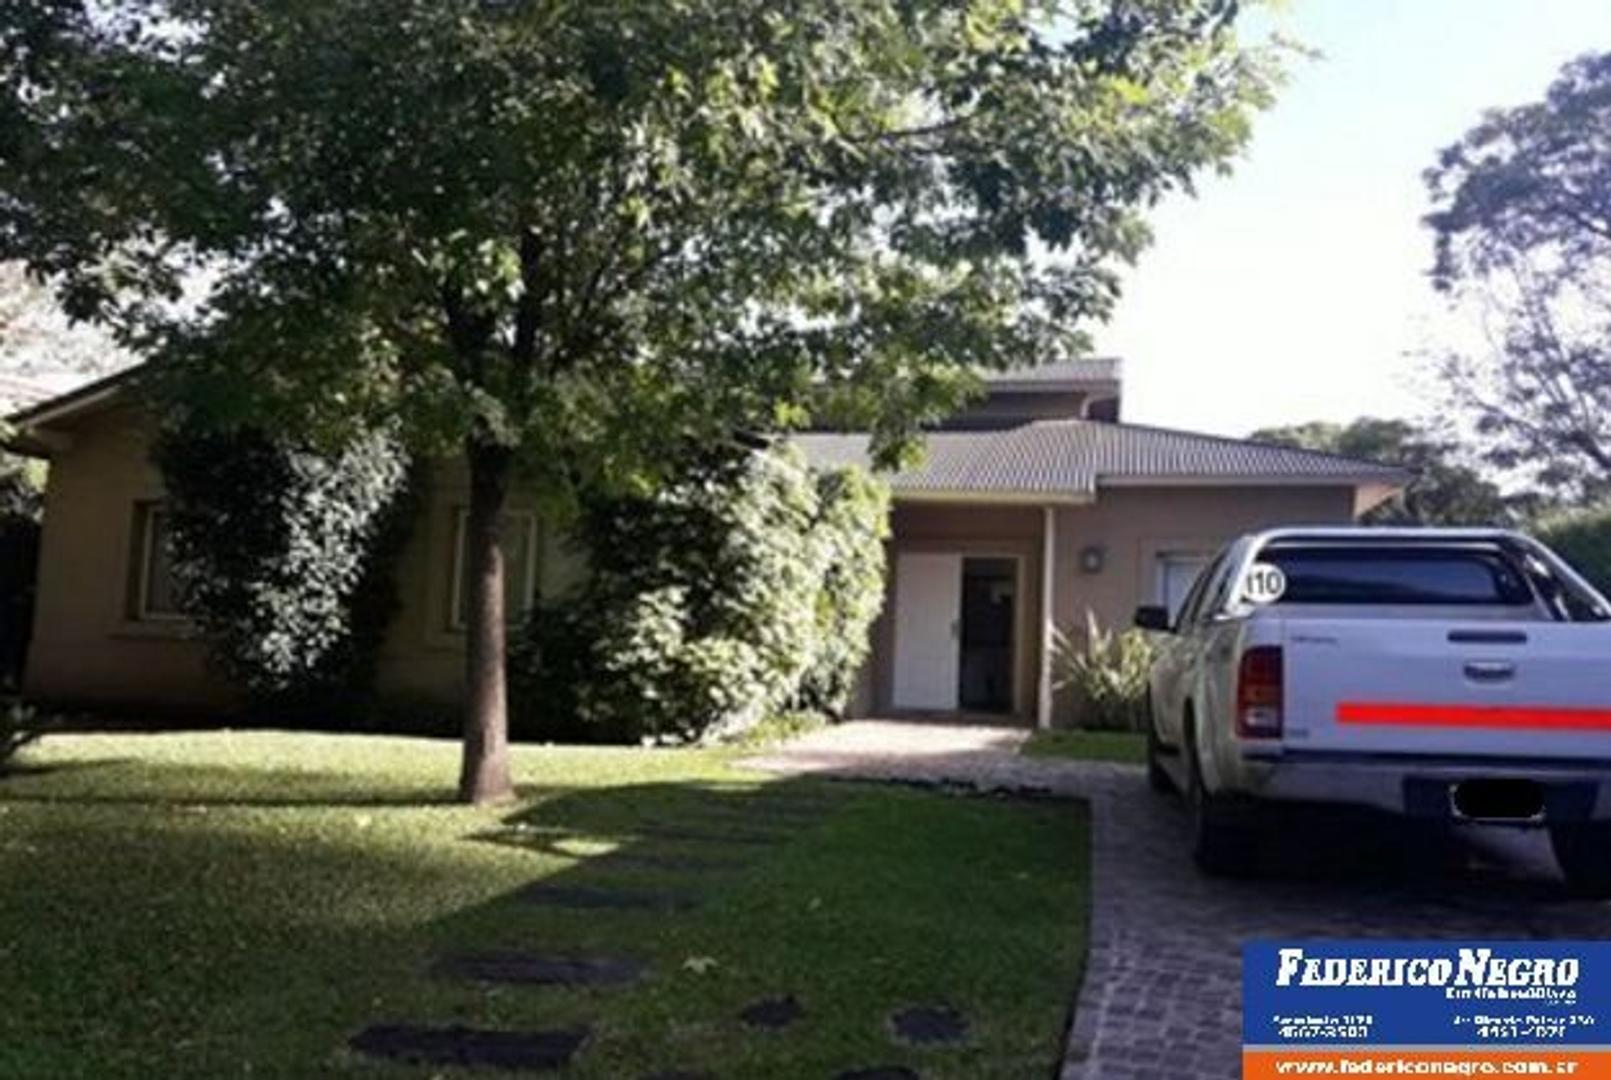 XINTEL(FNE-FNM-1576) Casa - Venta - Argentina, San Miguel - Las Heras 2852